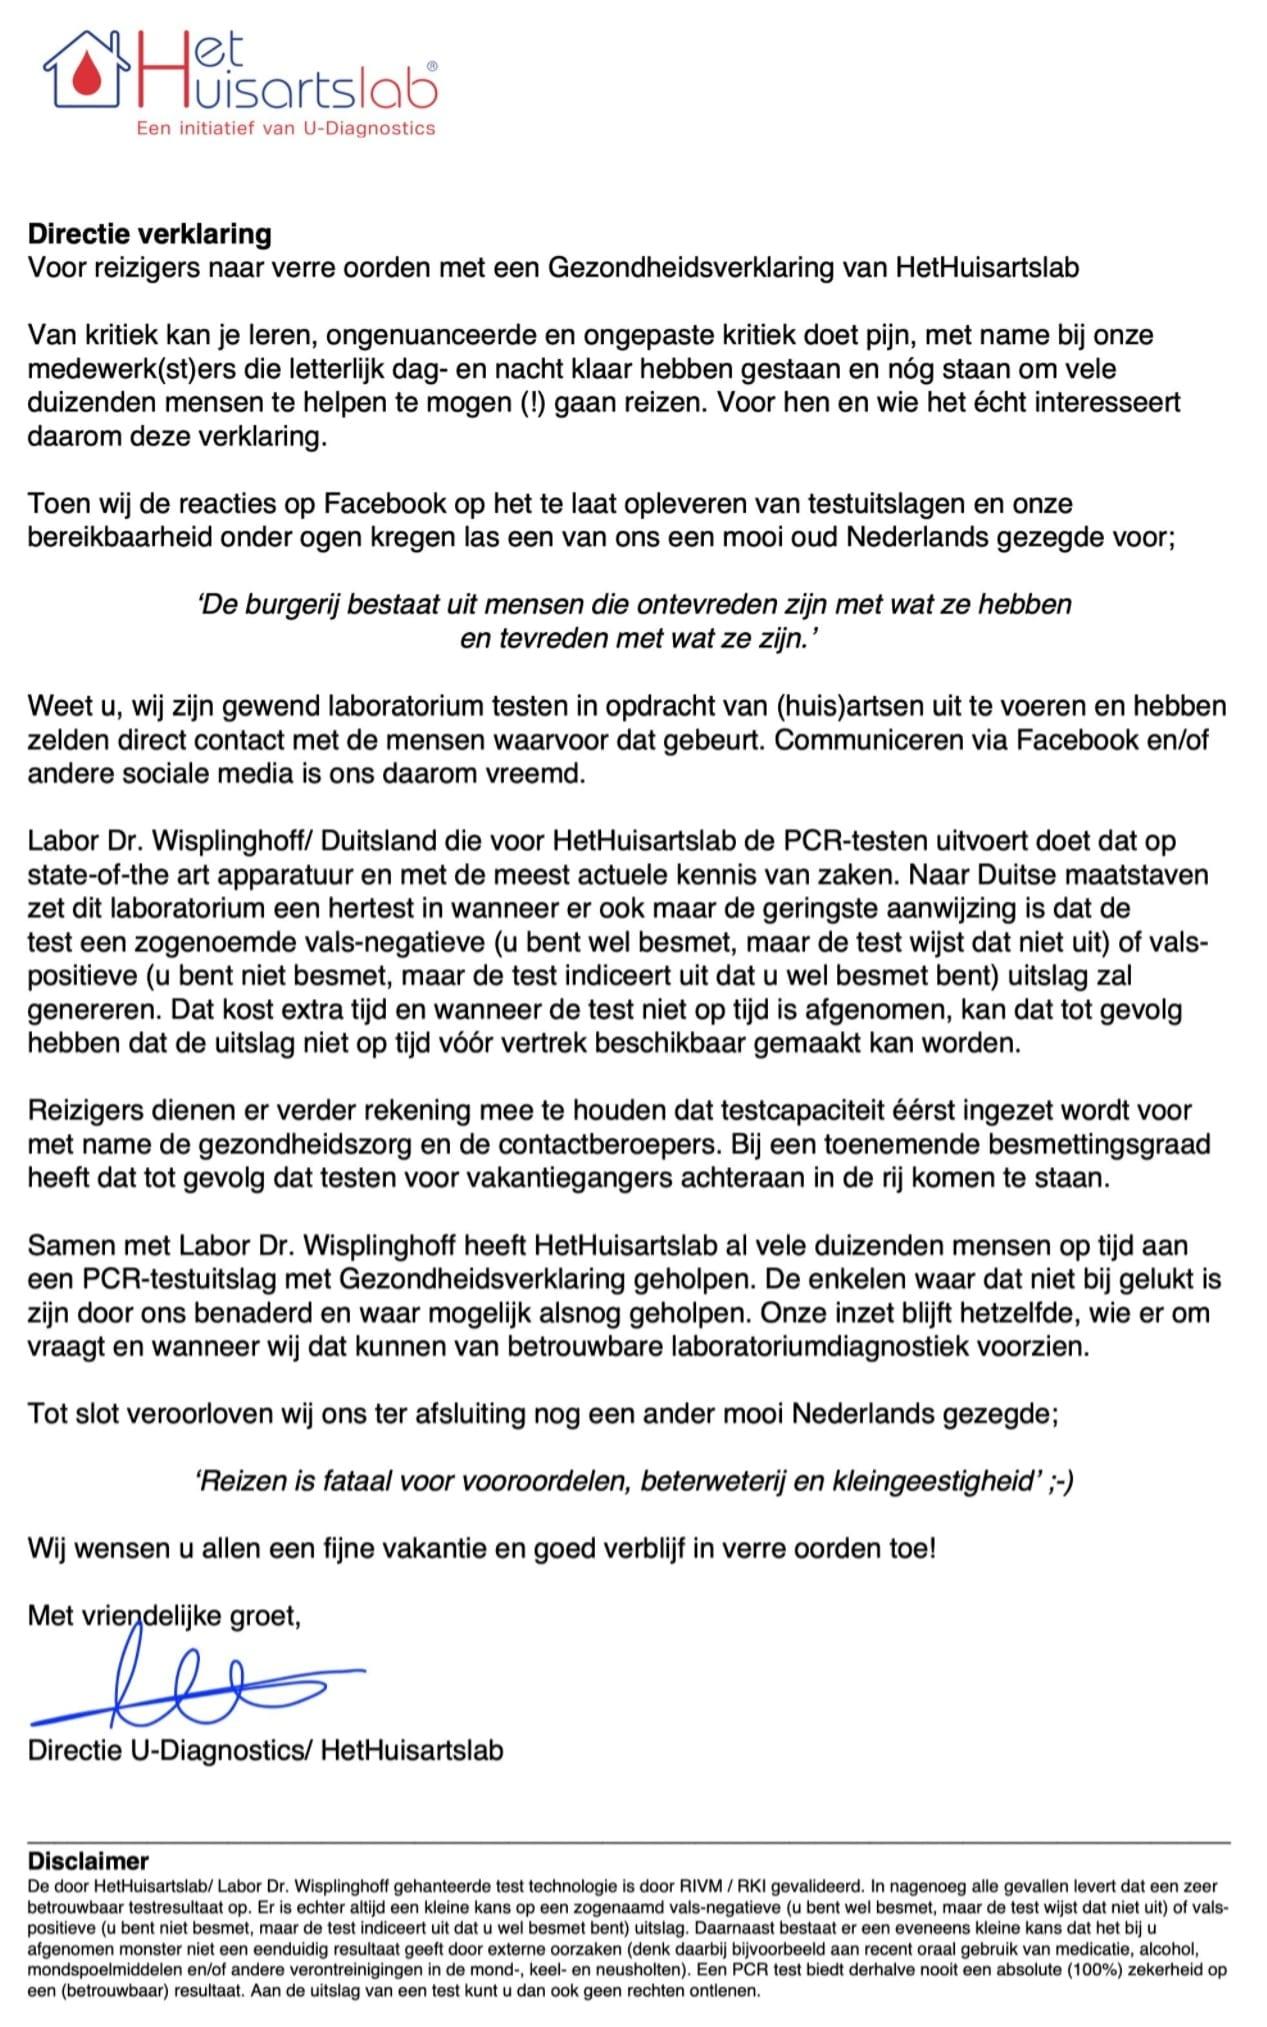 Het Huisartslab, verklaring directie, 24 augustus 2020